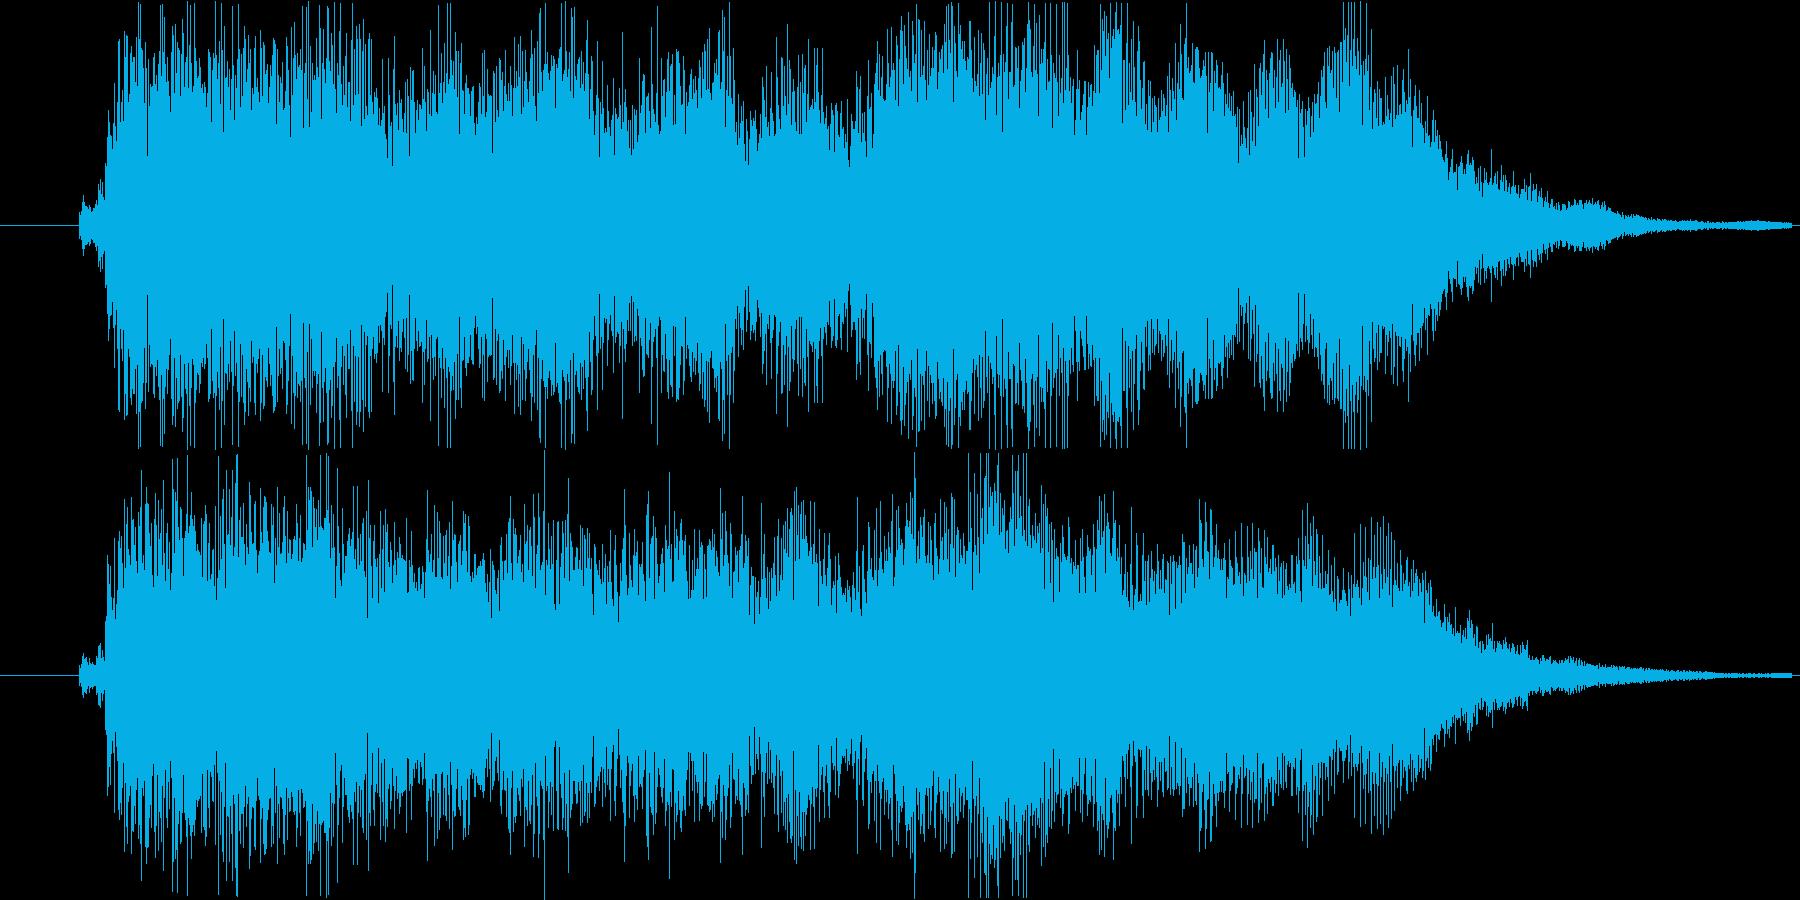 クエストクリア_勇ましいオーケストラの再生済みの波形